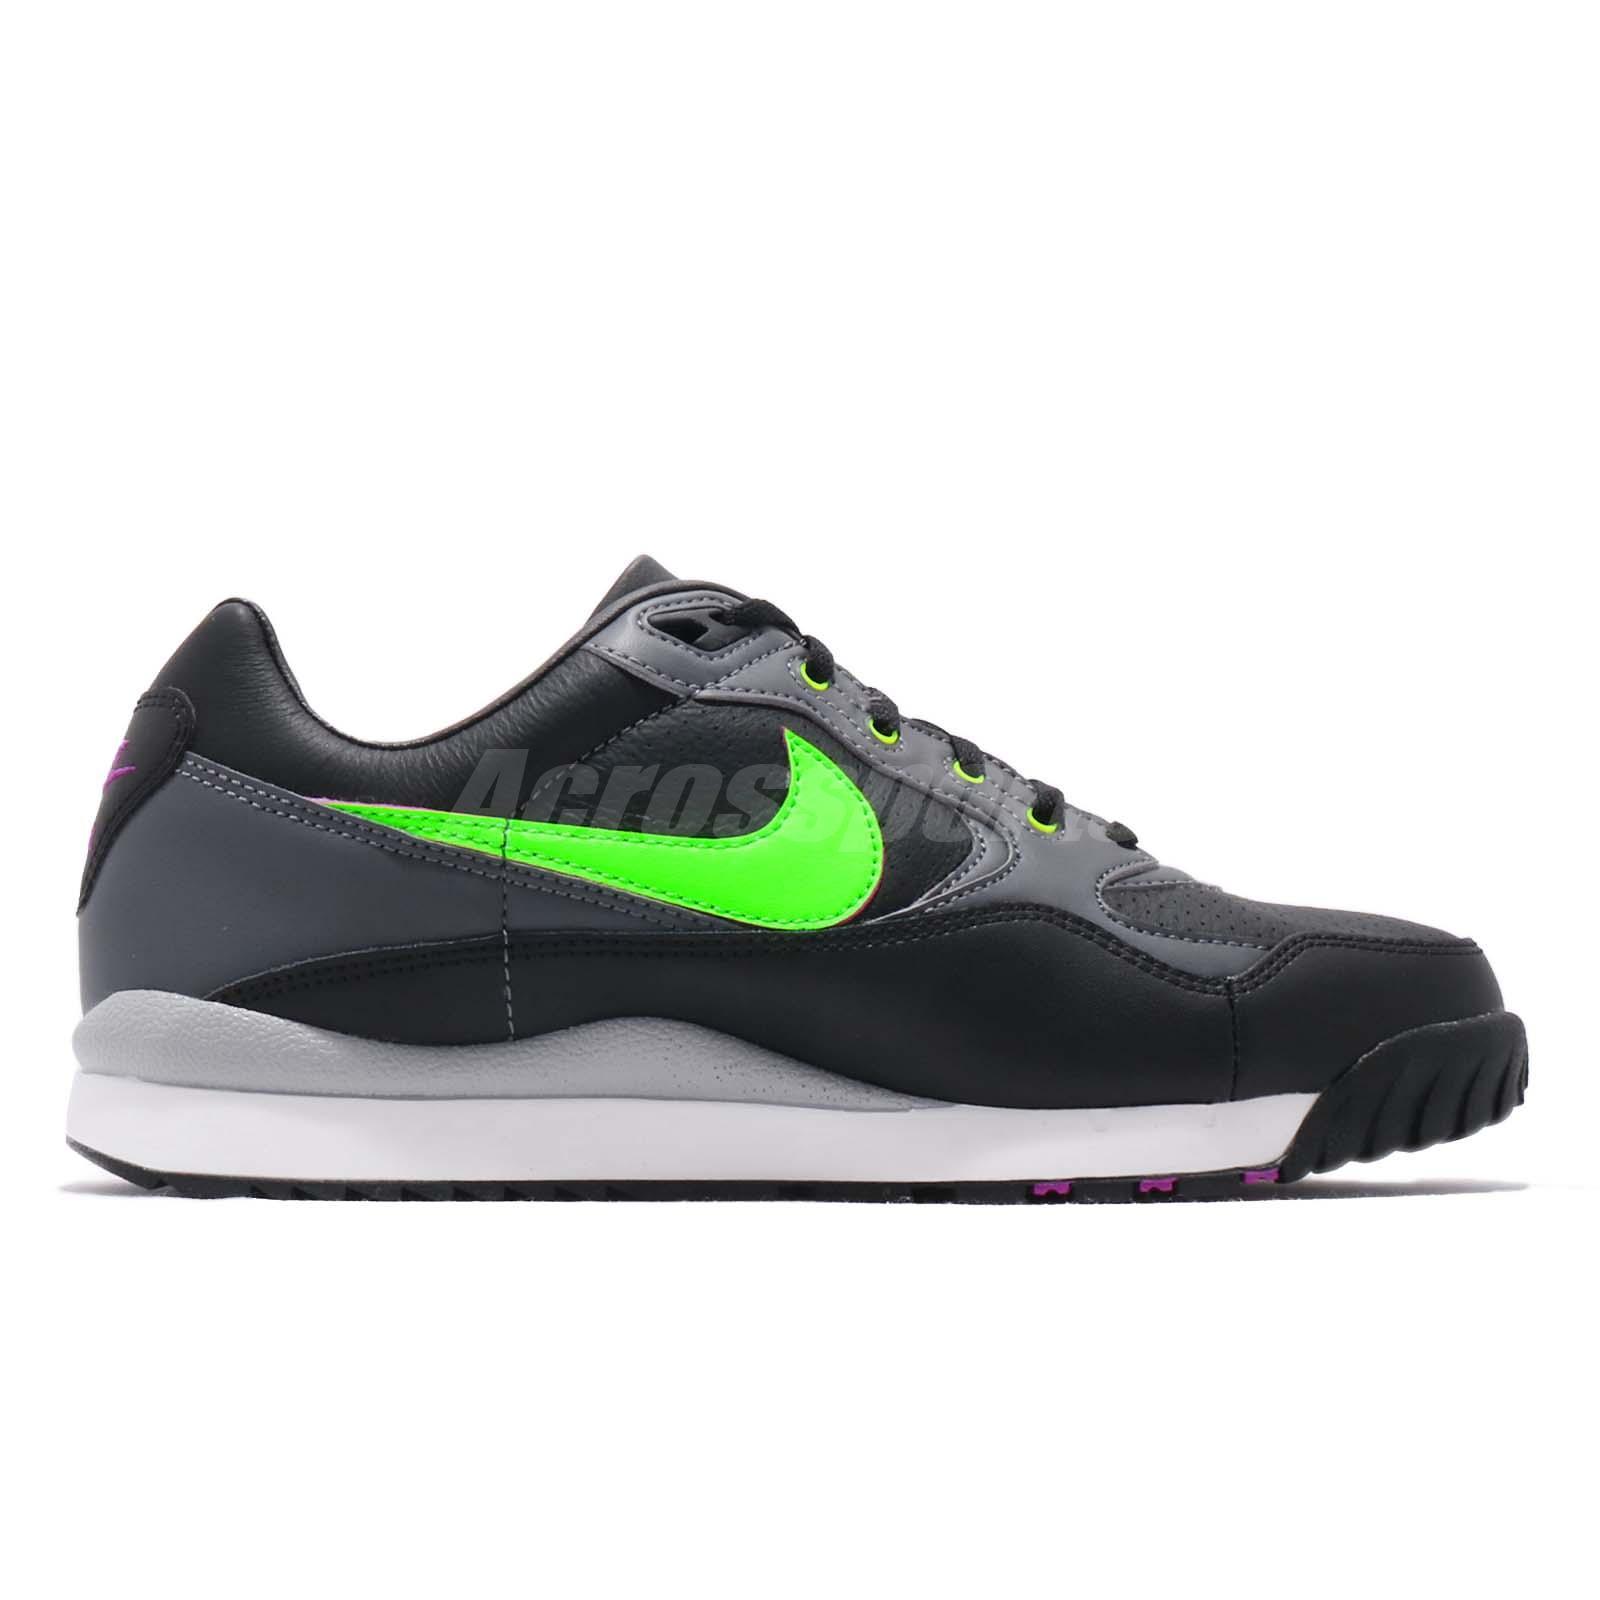 Nike Air Wildwood ACG Black Green Mens Outdoors Shoes Sneakers ... af50fb035